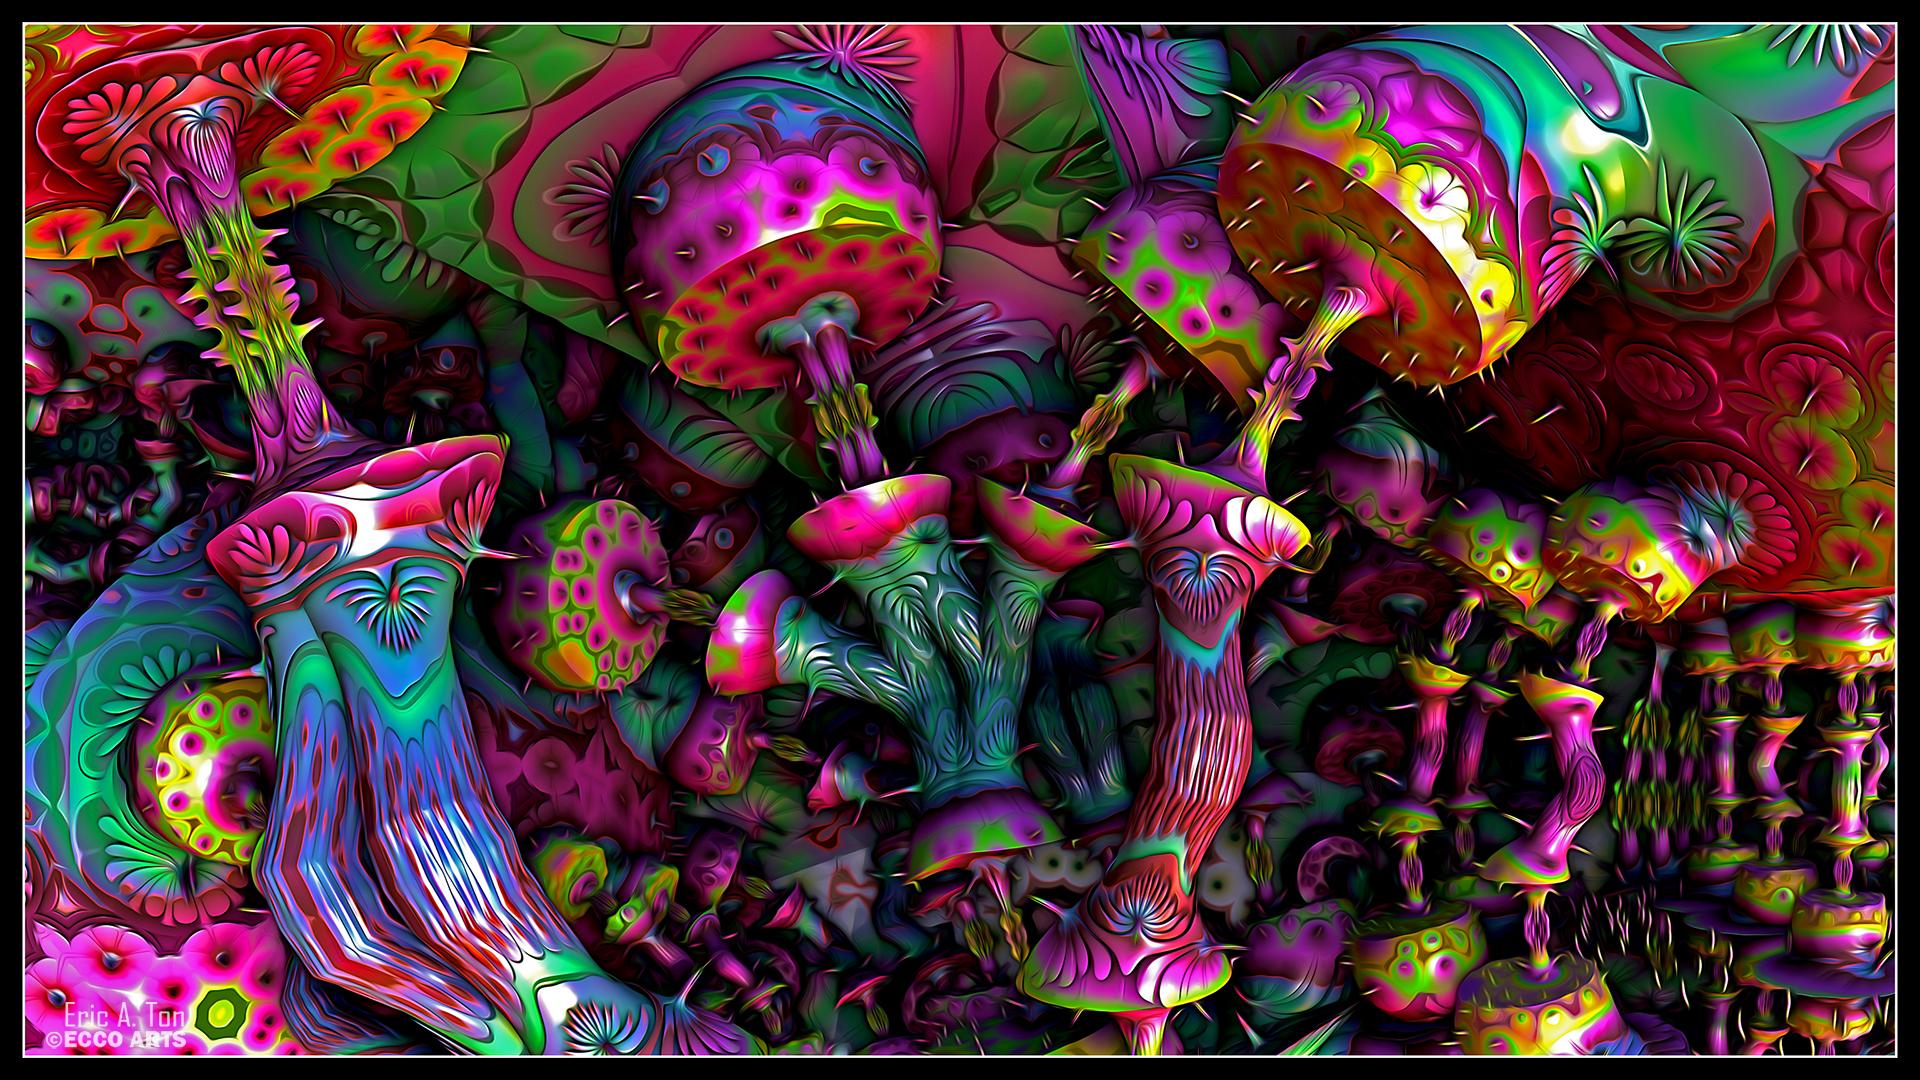 Psychedelic Mushrooms by eccoarts